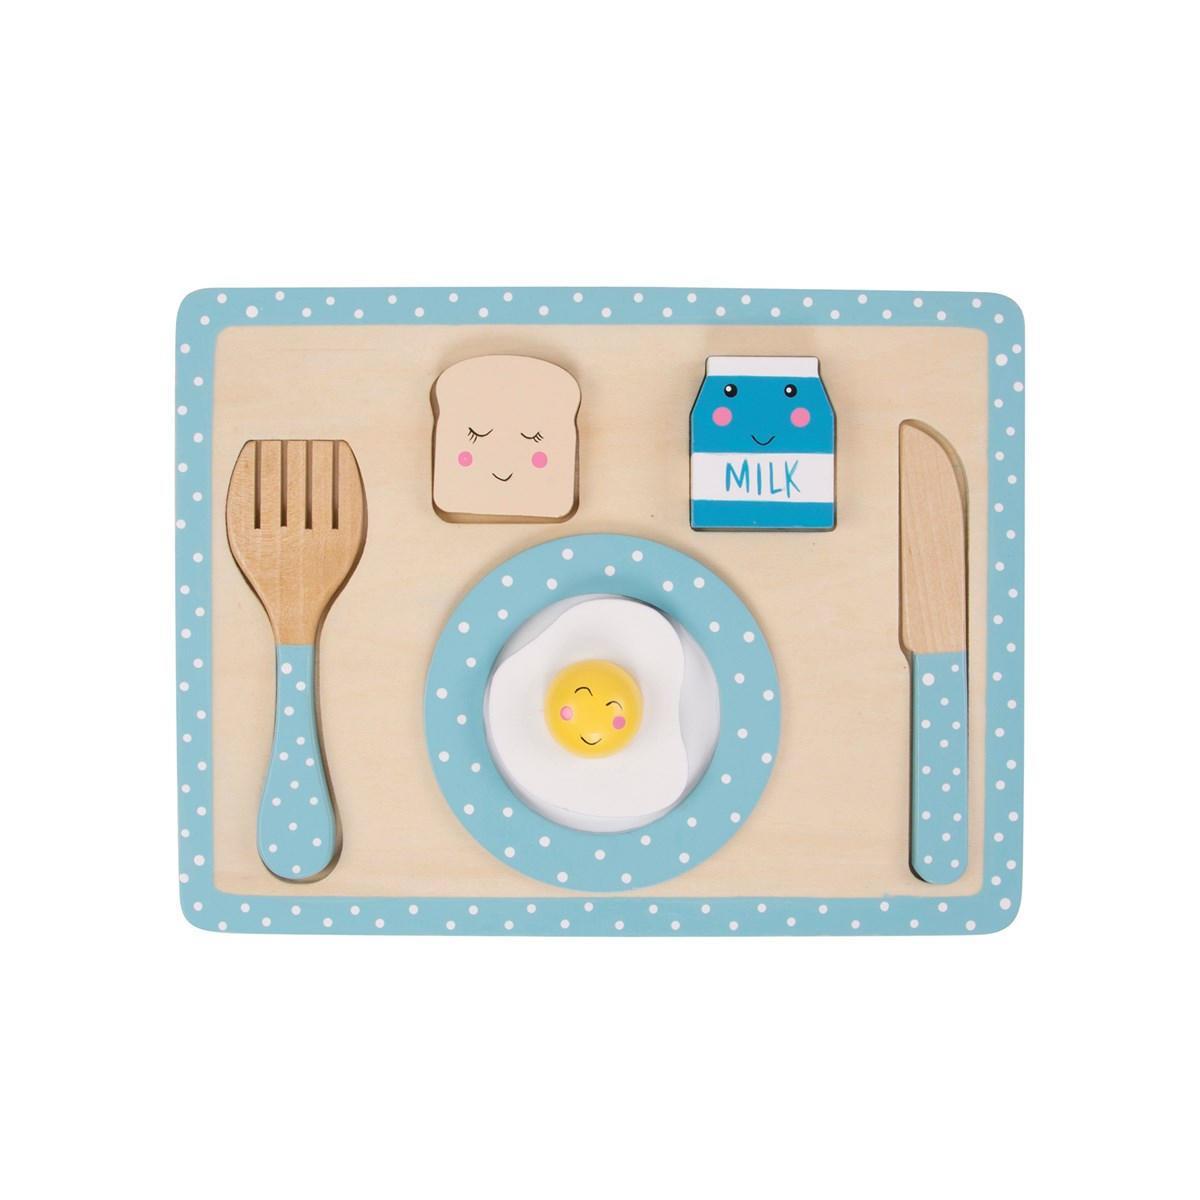 sass & belle Hračka pro děti Snídaňový set, modrá barva, dřevo